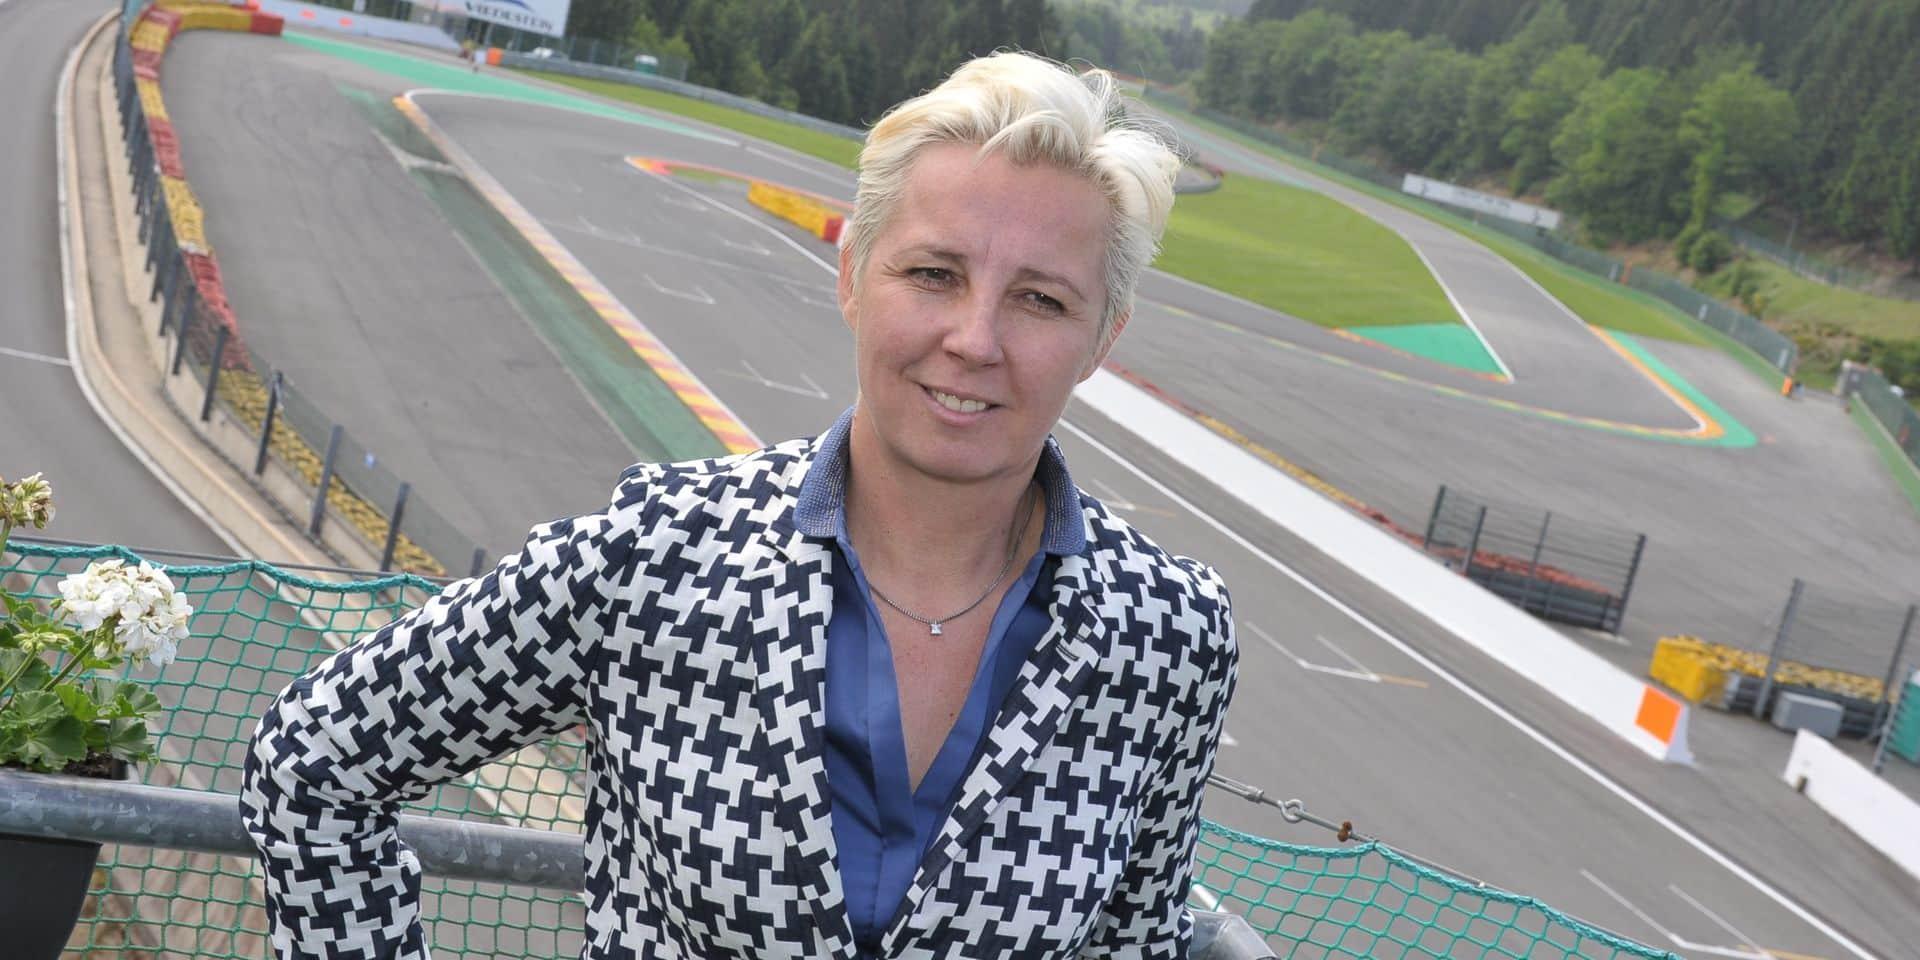 """La directrice du circuit de Francorchamps réagit : """"Des ajustements concernant le respect des limites de la piste vont être apportés avant le départ des 24h"""""""